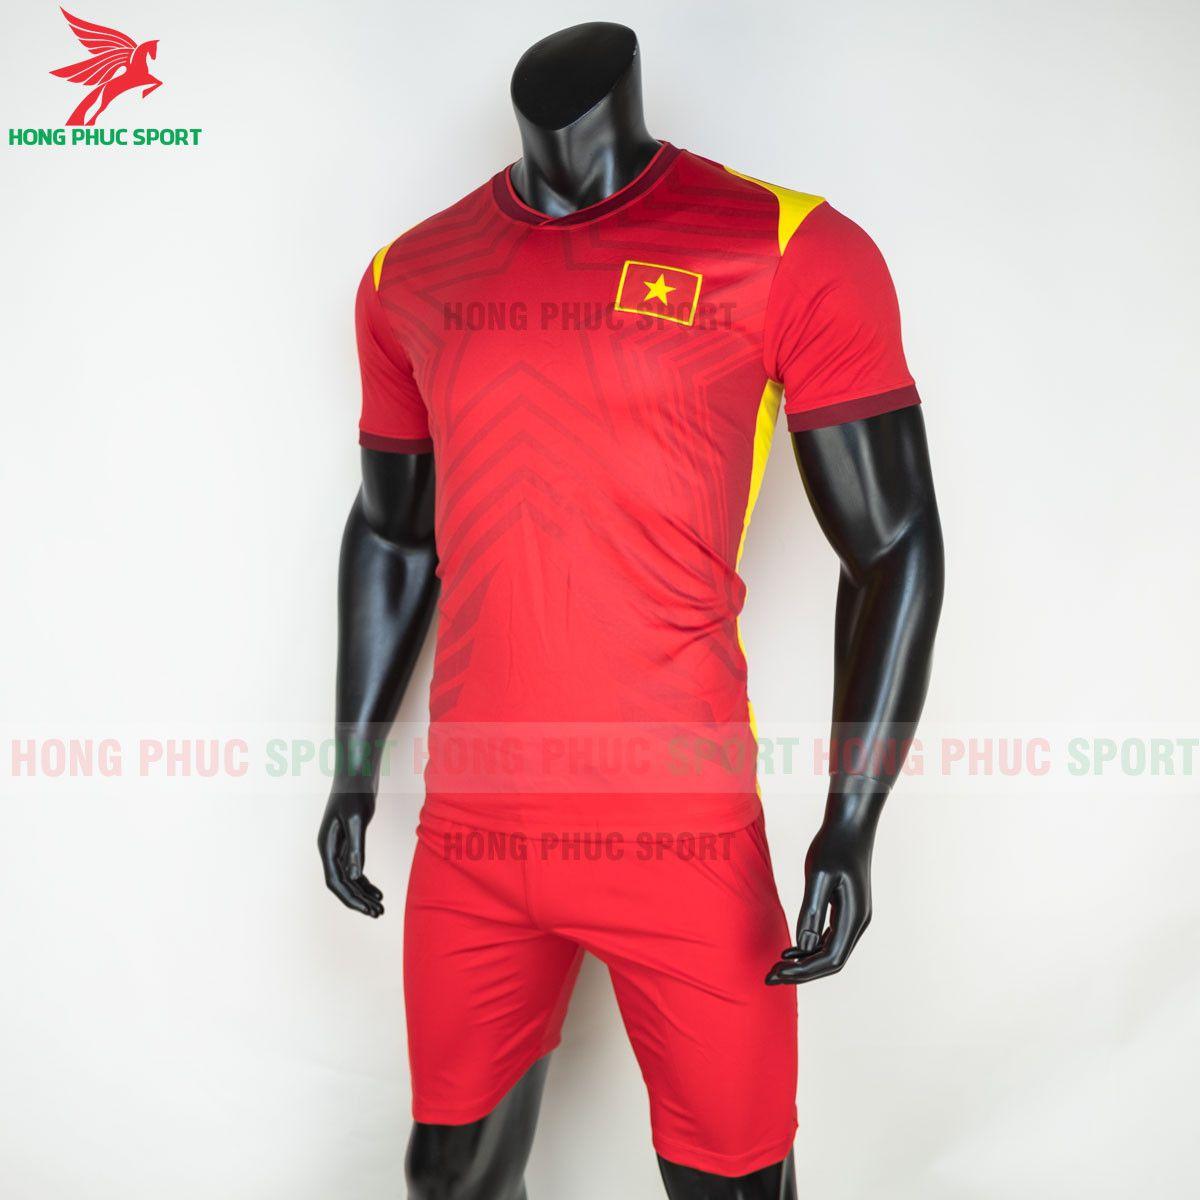 https://cdn.hongphucsport.com/unsafe/s4.shopbay.vn/files/285/ao-bong-da-tuyen-viet-nam-2021-san-nha-4-60d30ca70d244.jpg